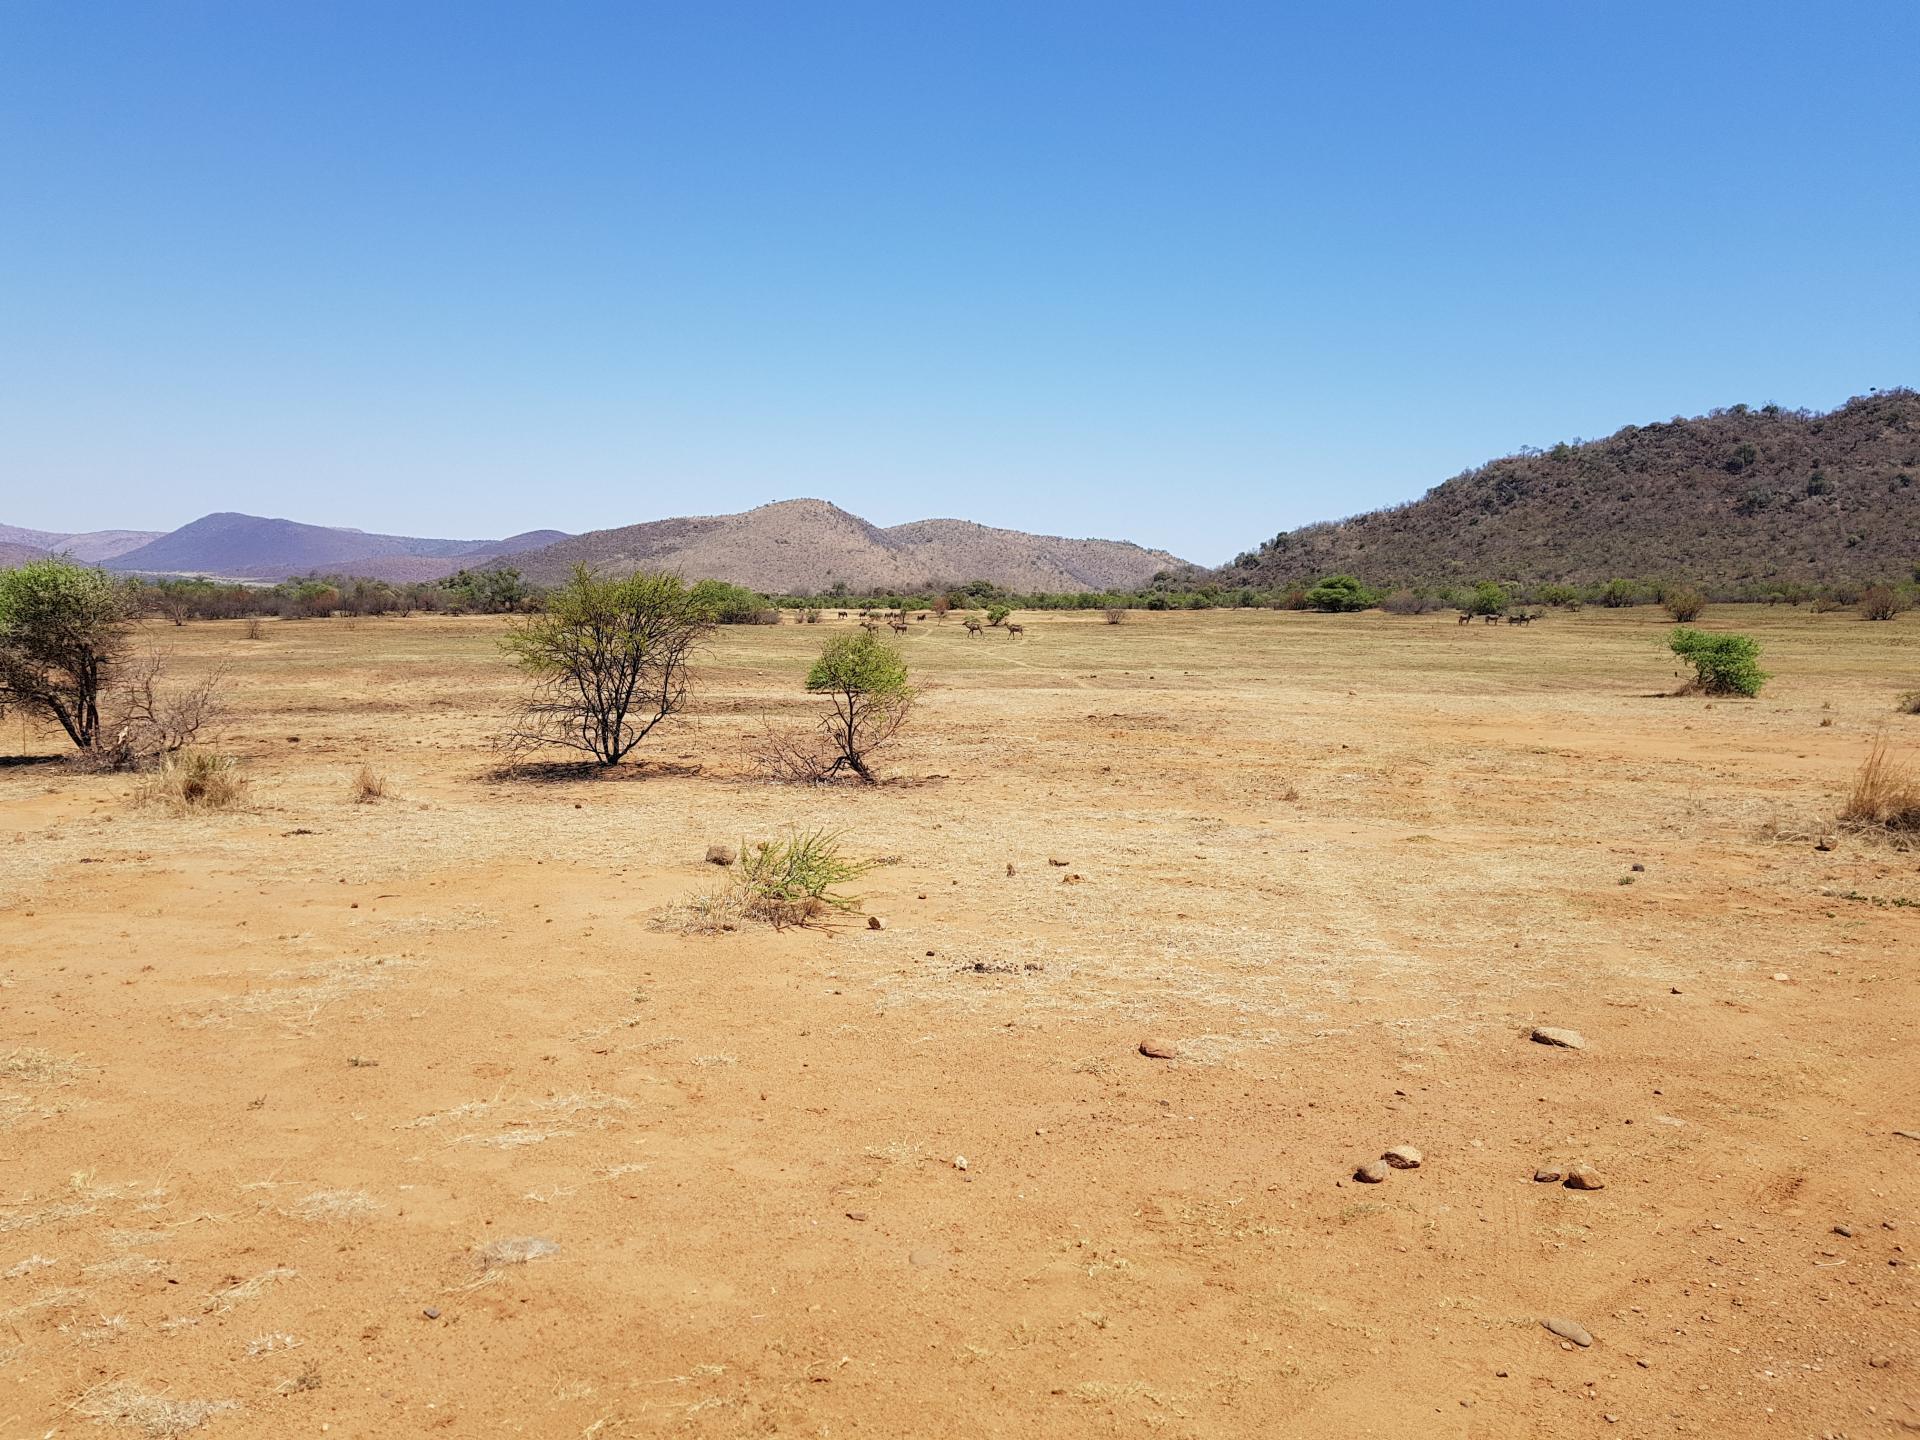 африканский ландшафт